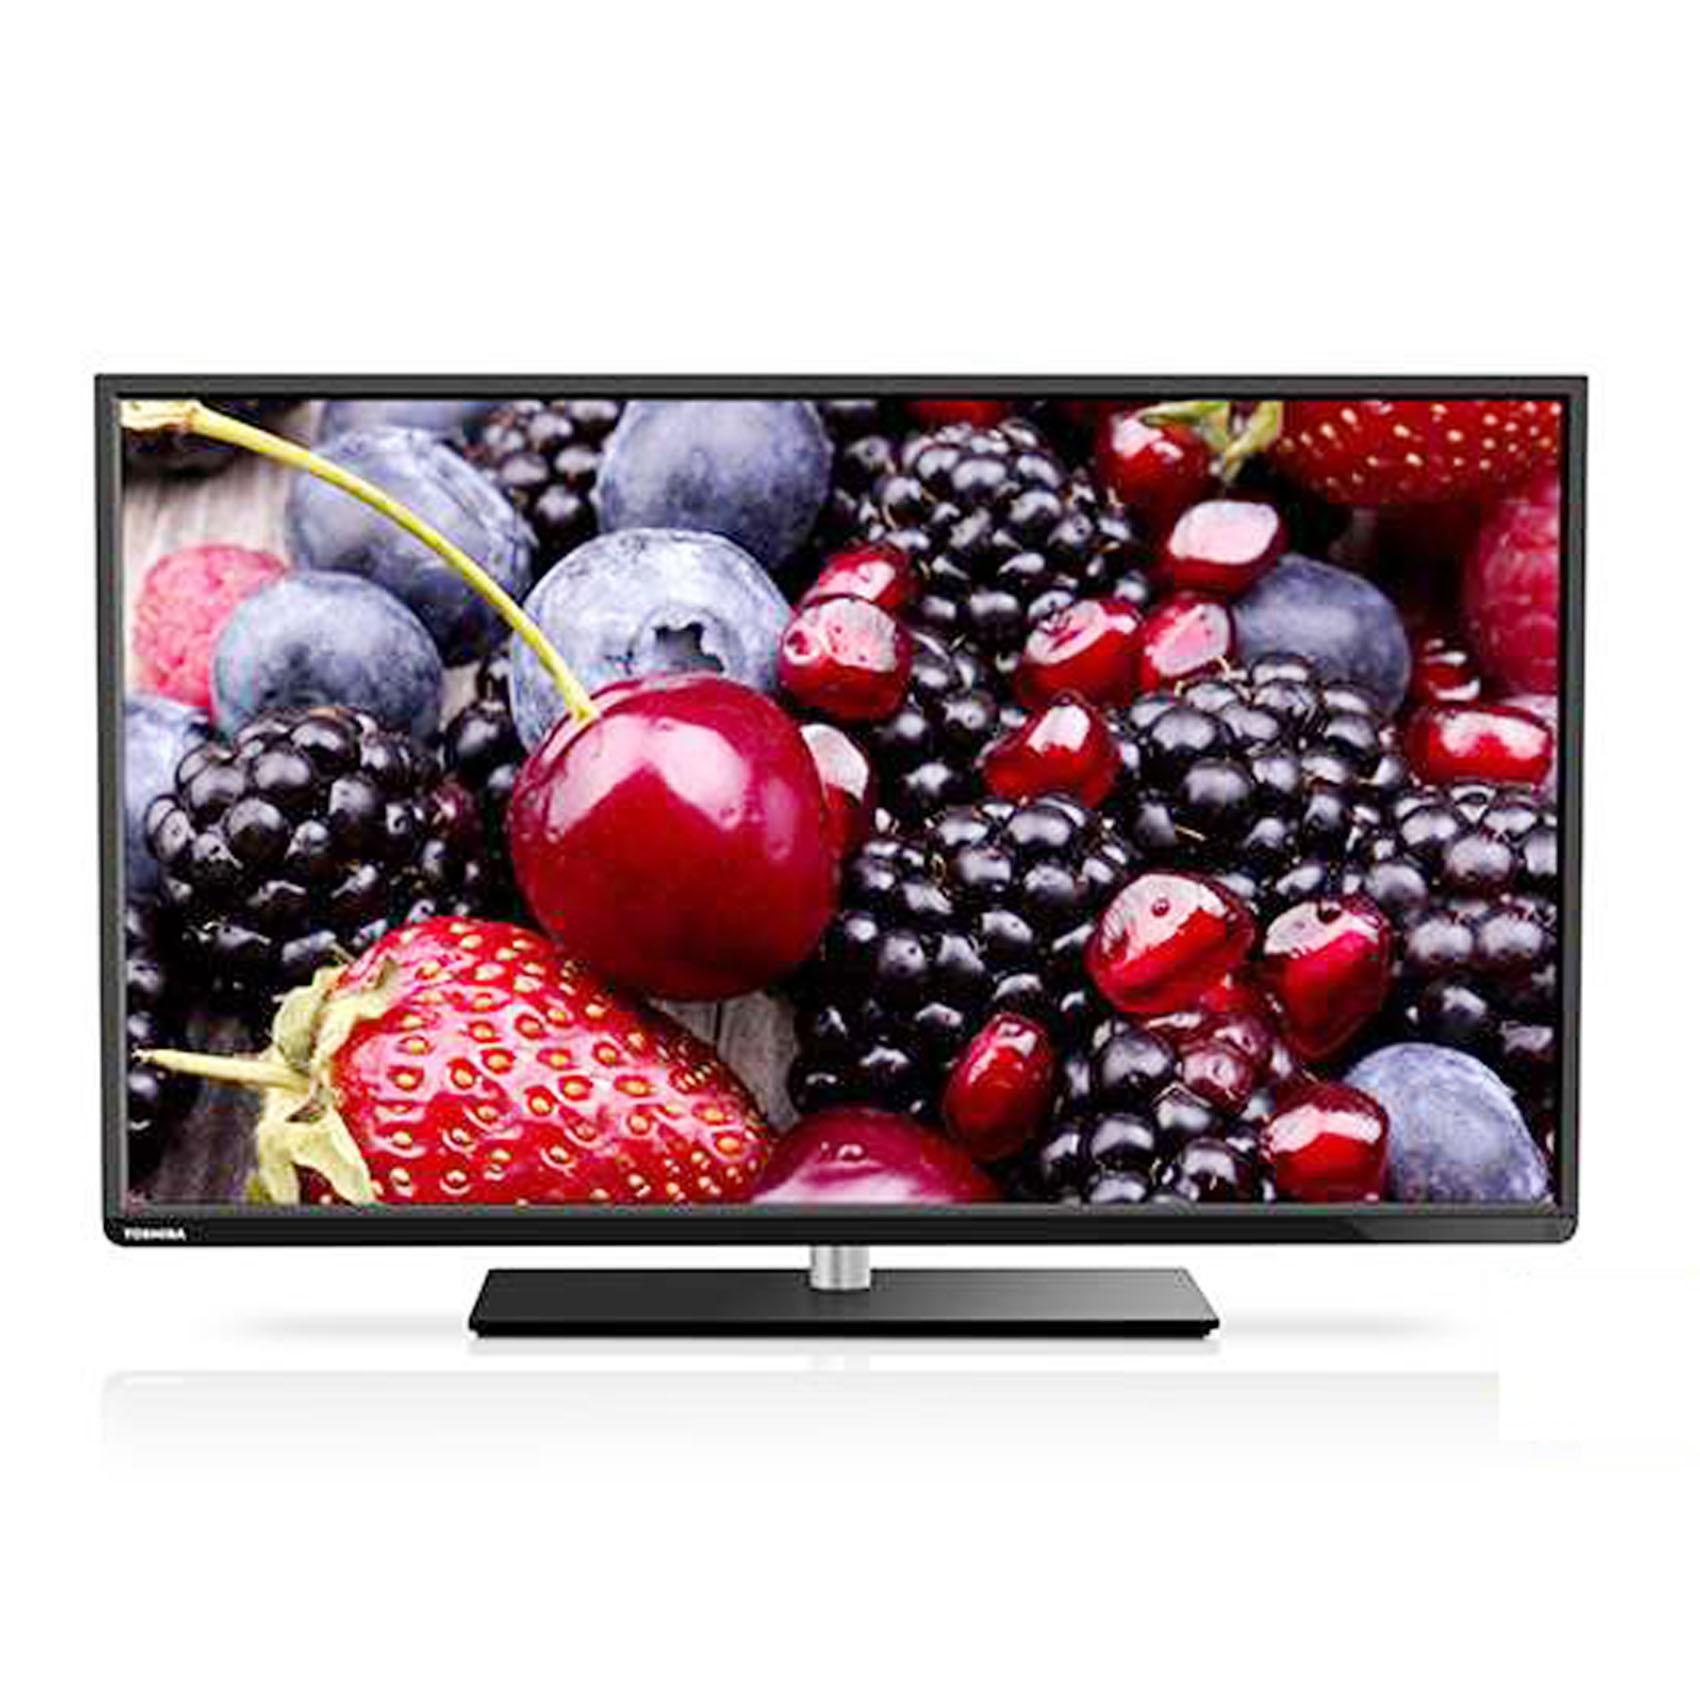 TOSHIBA LED TV 48